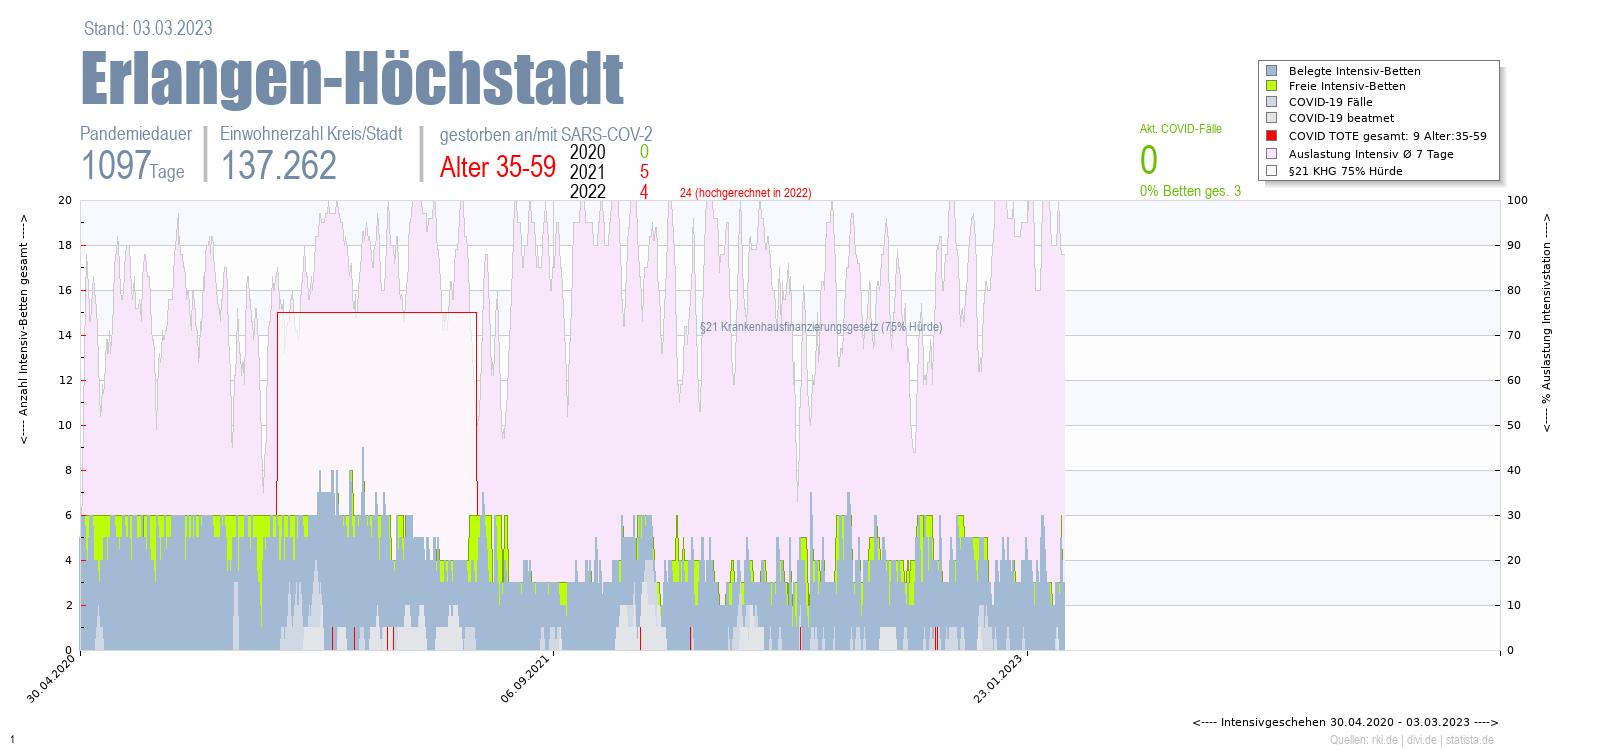 Intensivstation Auslastung Erlangen-Höchstadt Alter 0-4